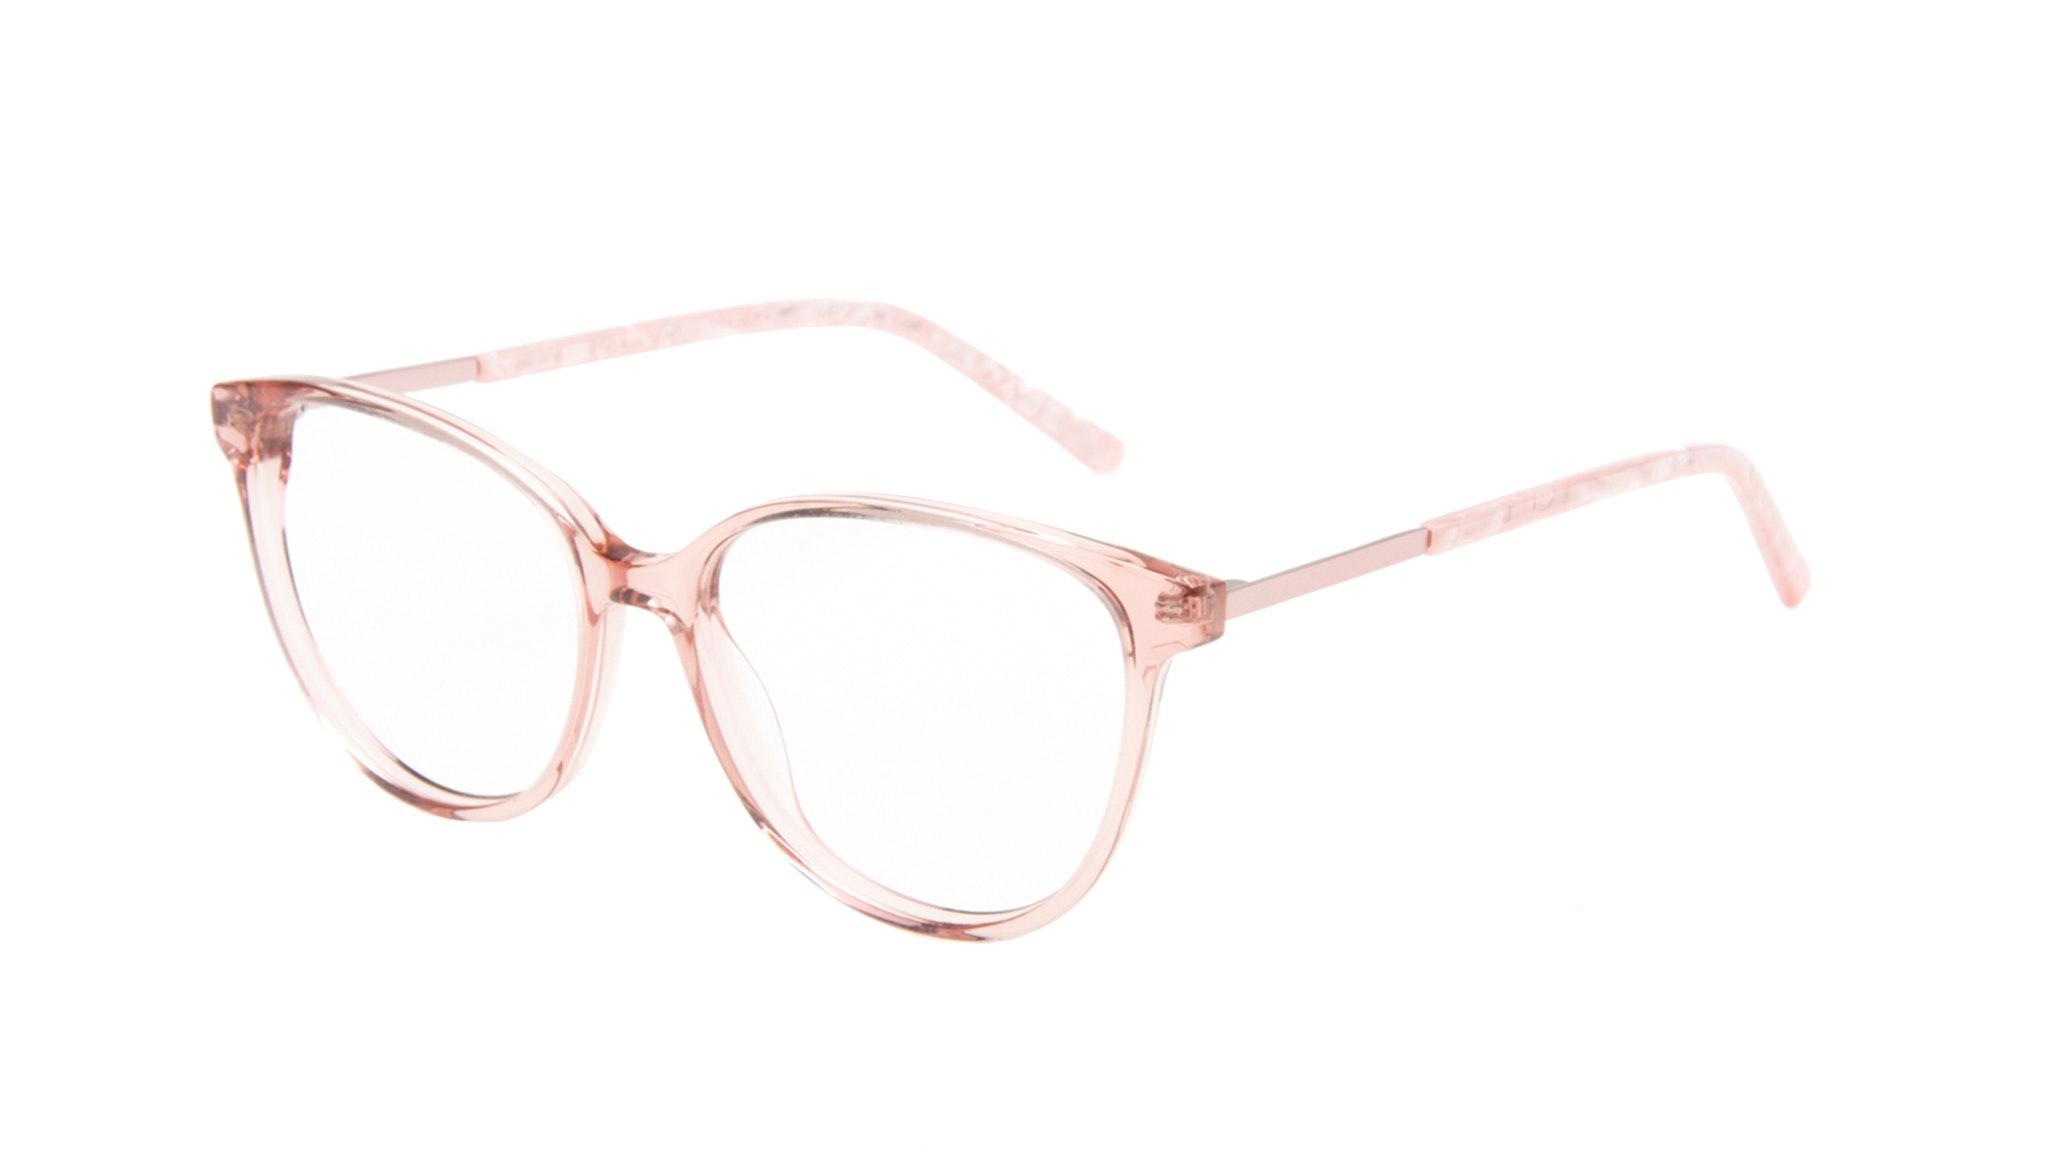 Affordable Fashion Glasses Cat Eye Eyeglasses Women Imagine II Rose Marble Tilt